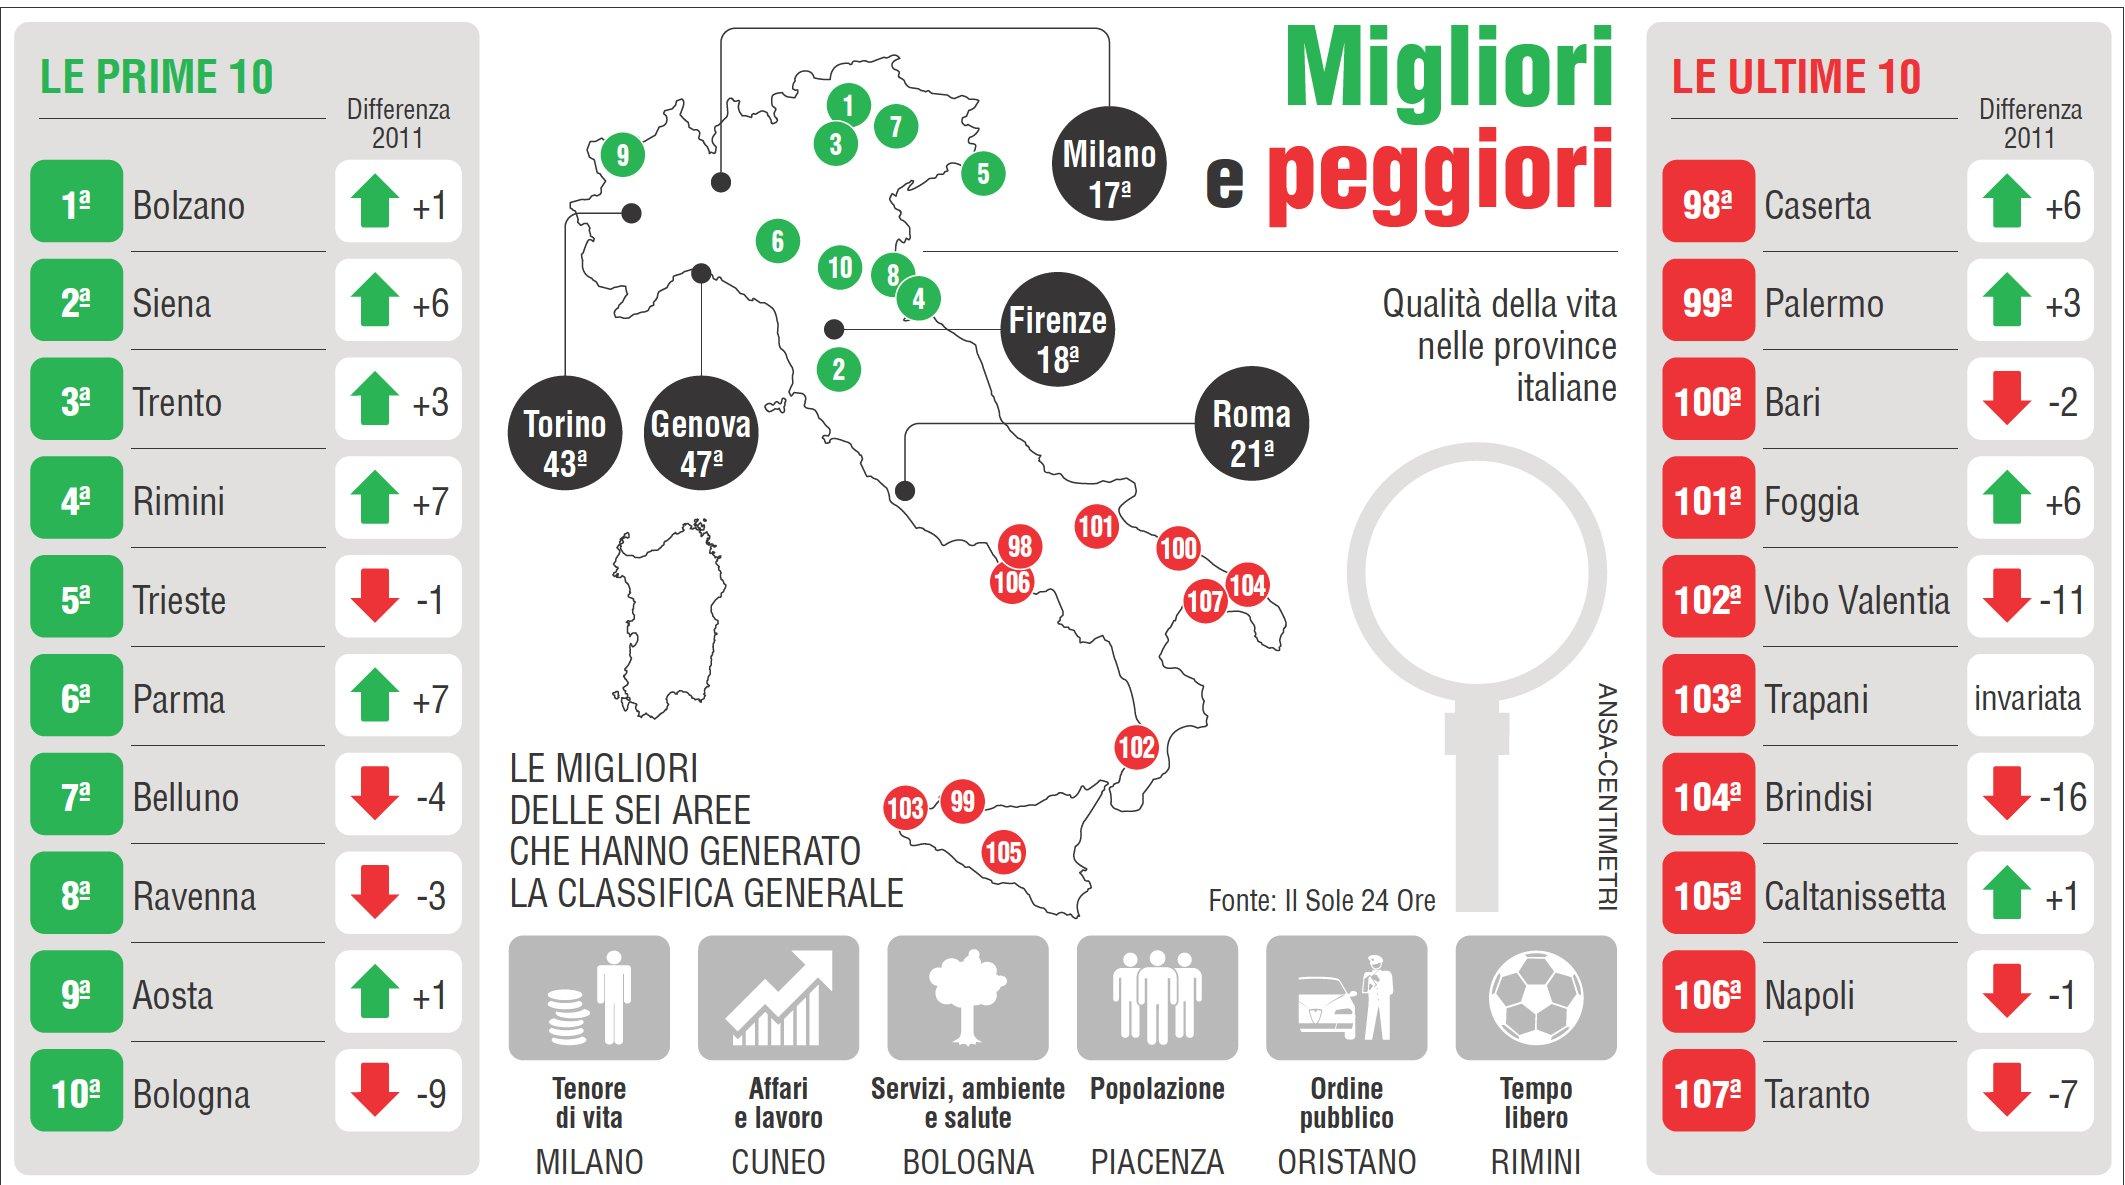 Report Sole 24 Ore Per Qualità Della Vita Palermo 106posto